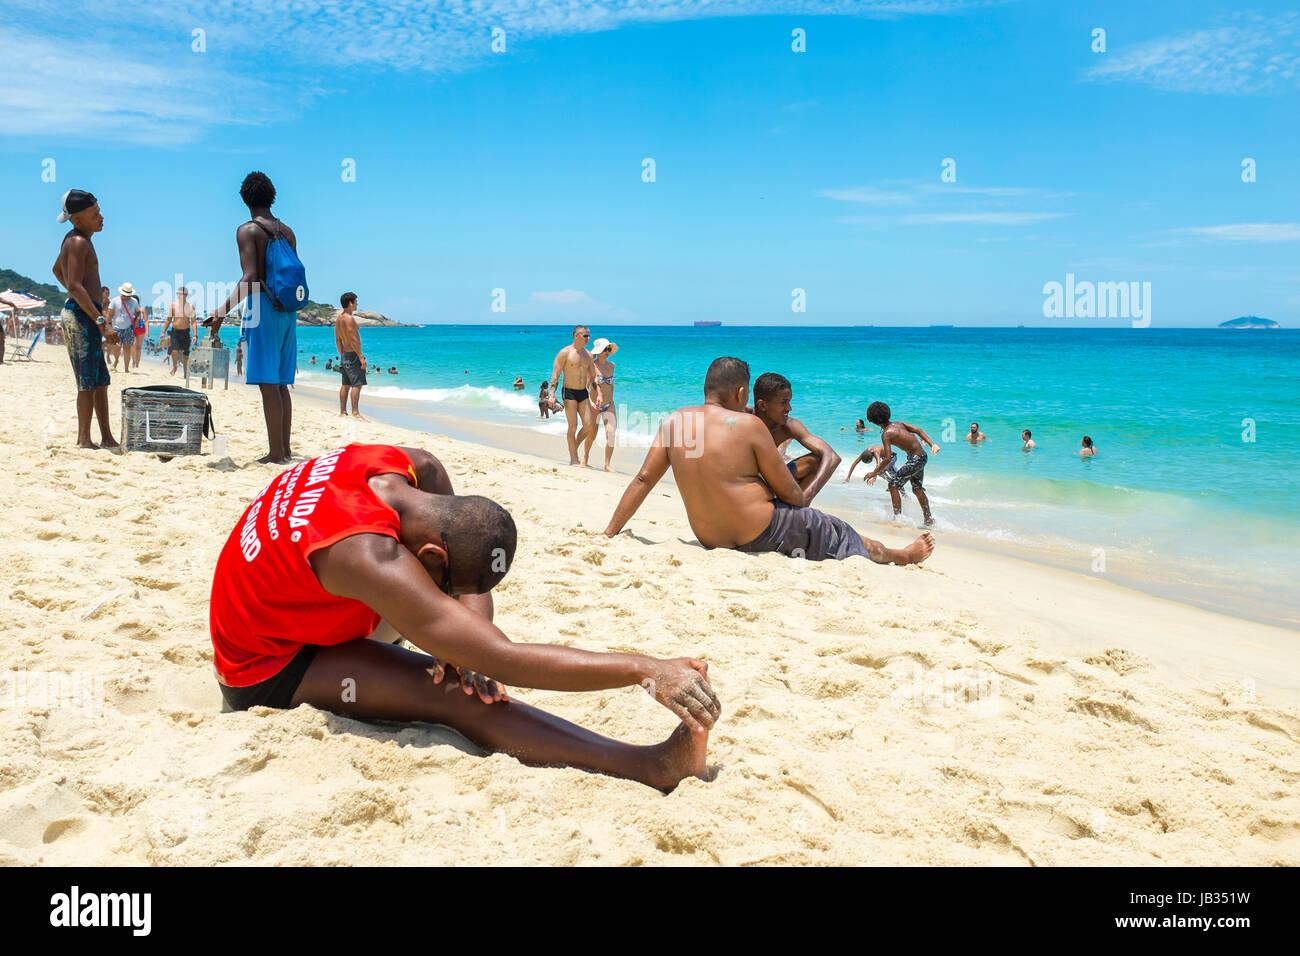 RIO DE JANEIRO - Febbraio 05, 2017: muscolari giovane brasiliano carioca bagnino fa il suo mattina routine fitness Immagini Stock